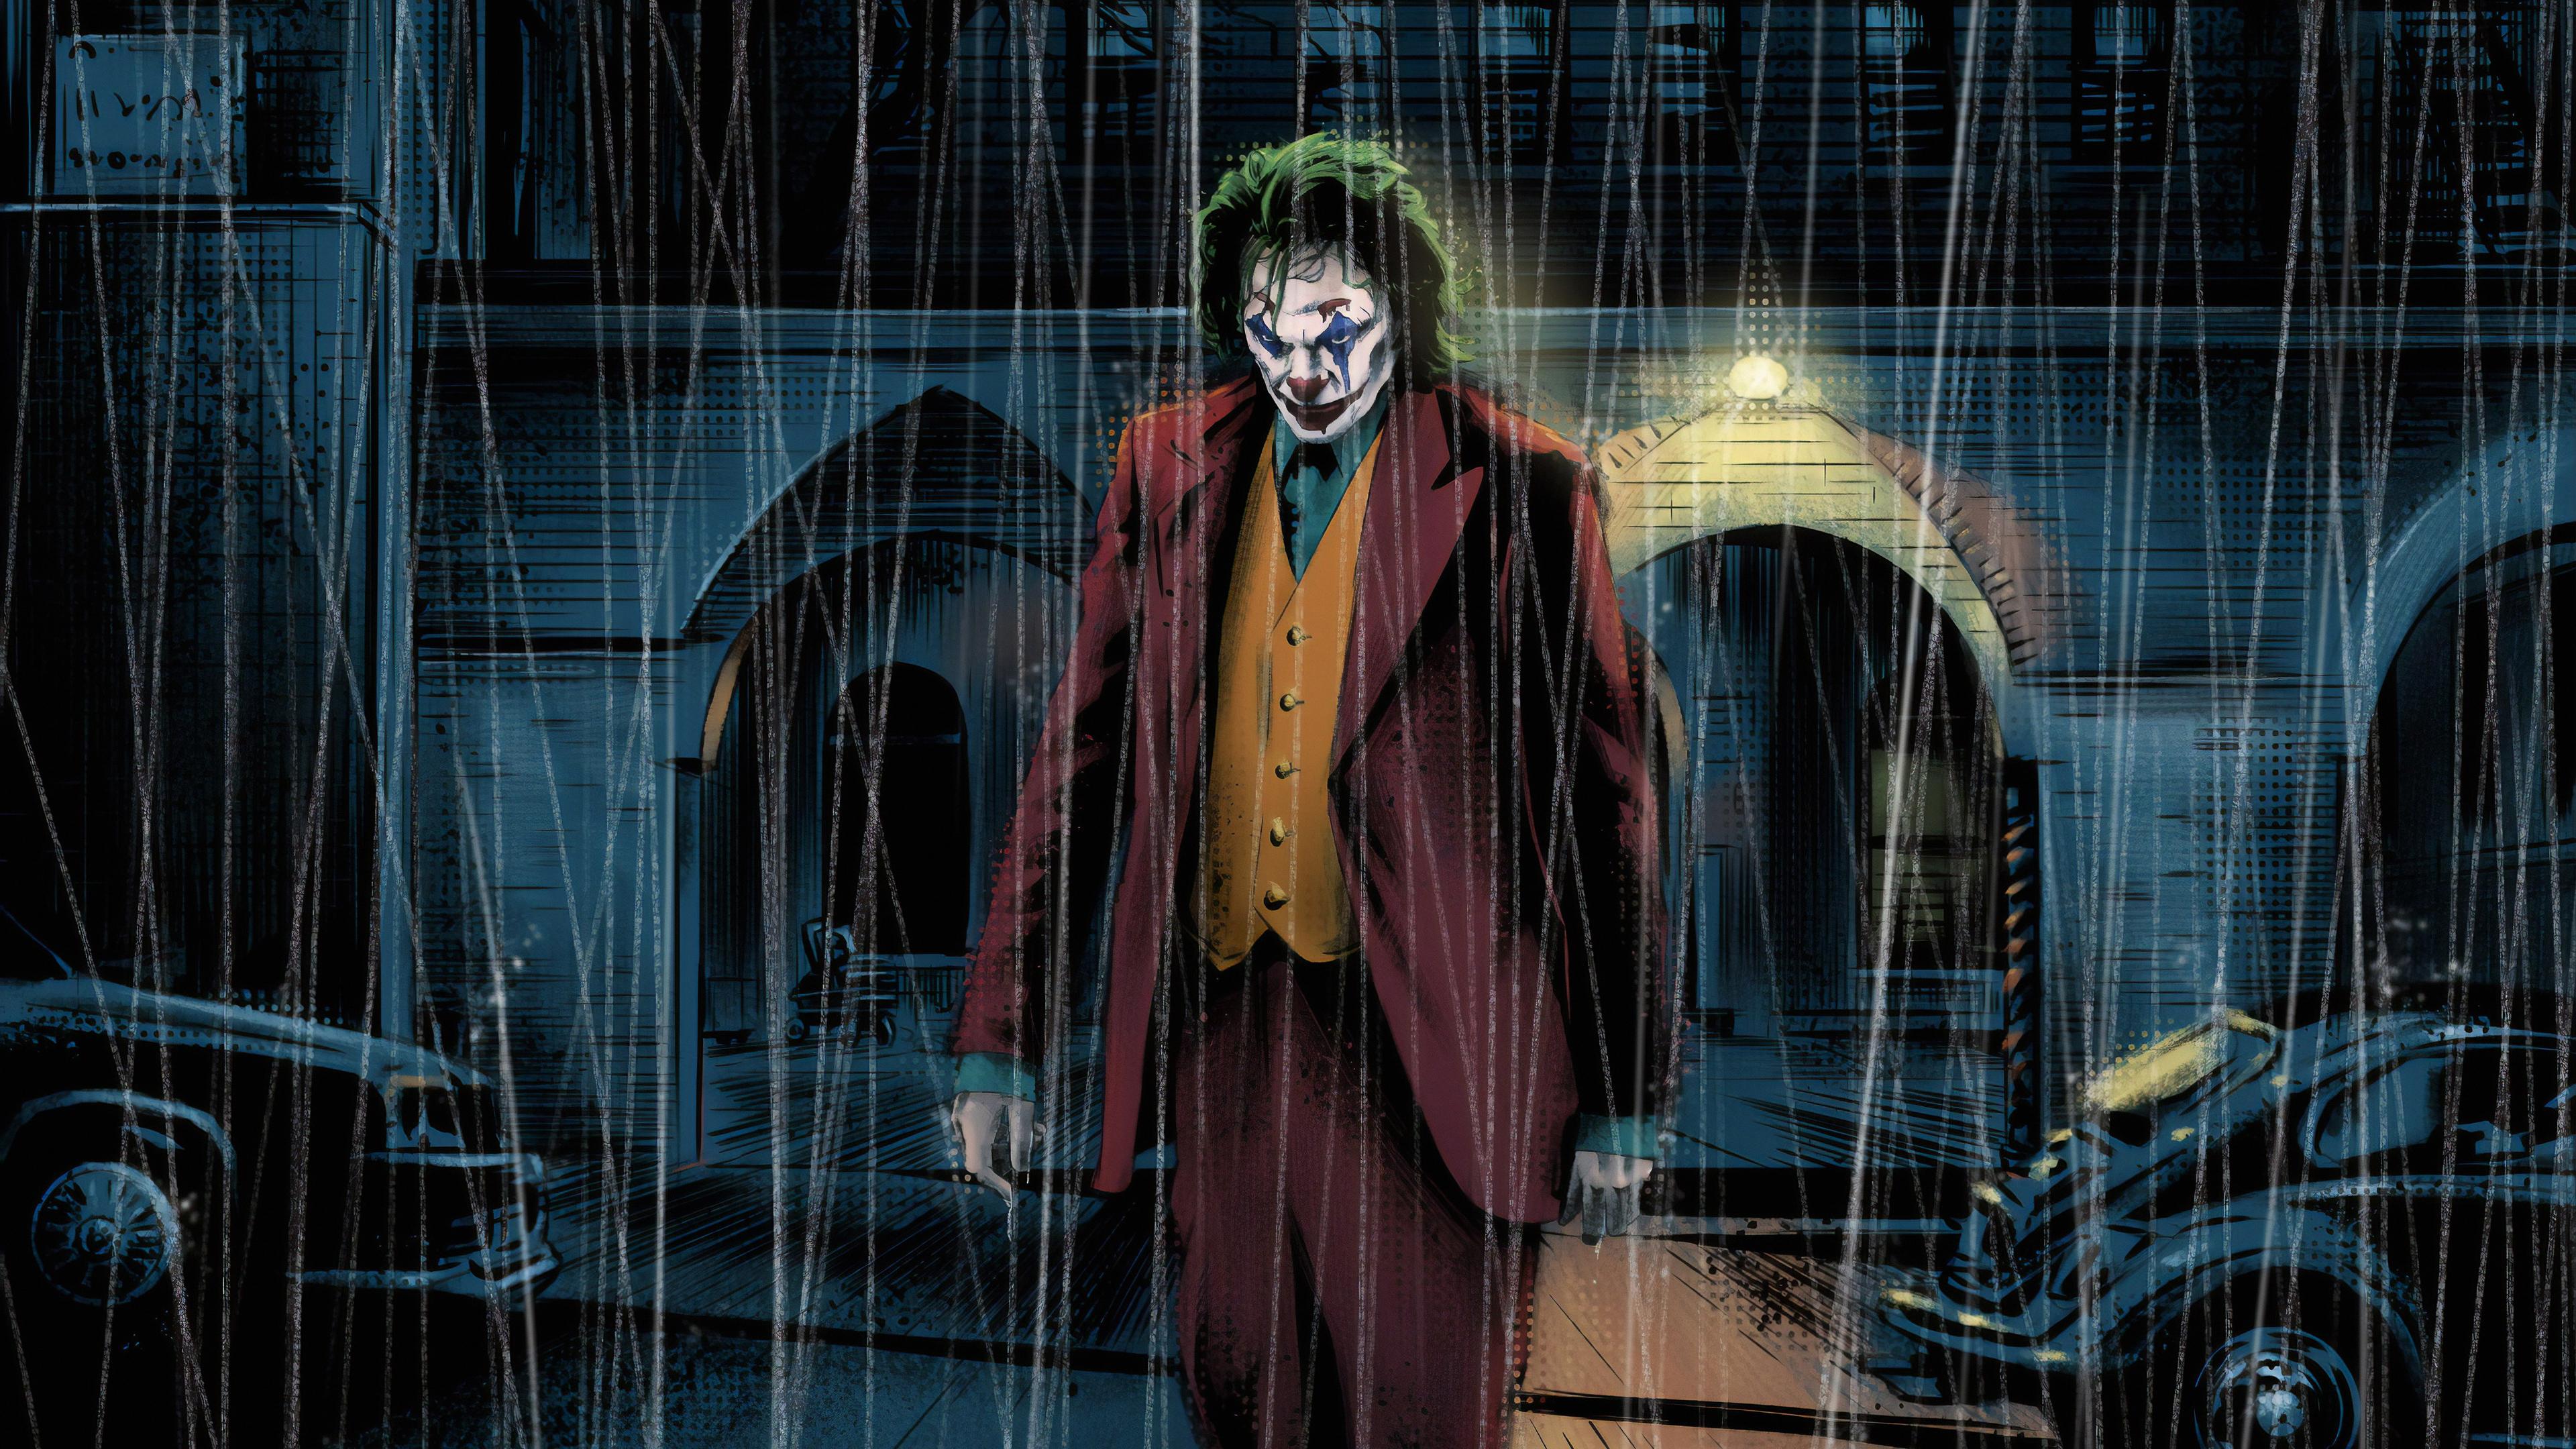 Joker Art Background Images AWB 3840x2160